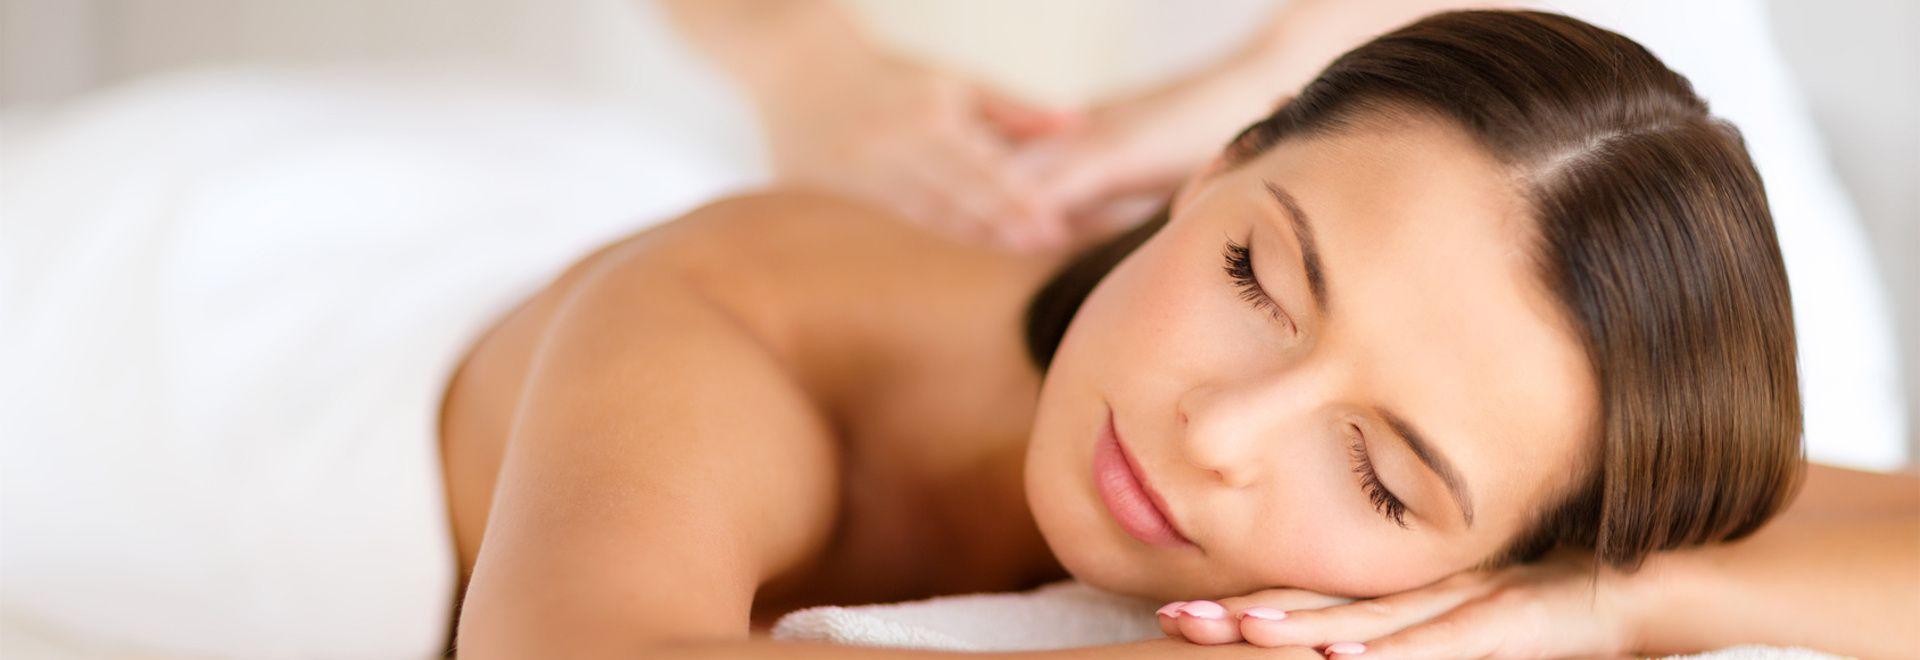 Wirkung der Aromatherapiemassage zur Entspannung